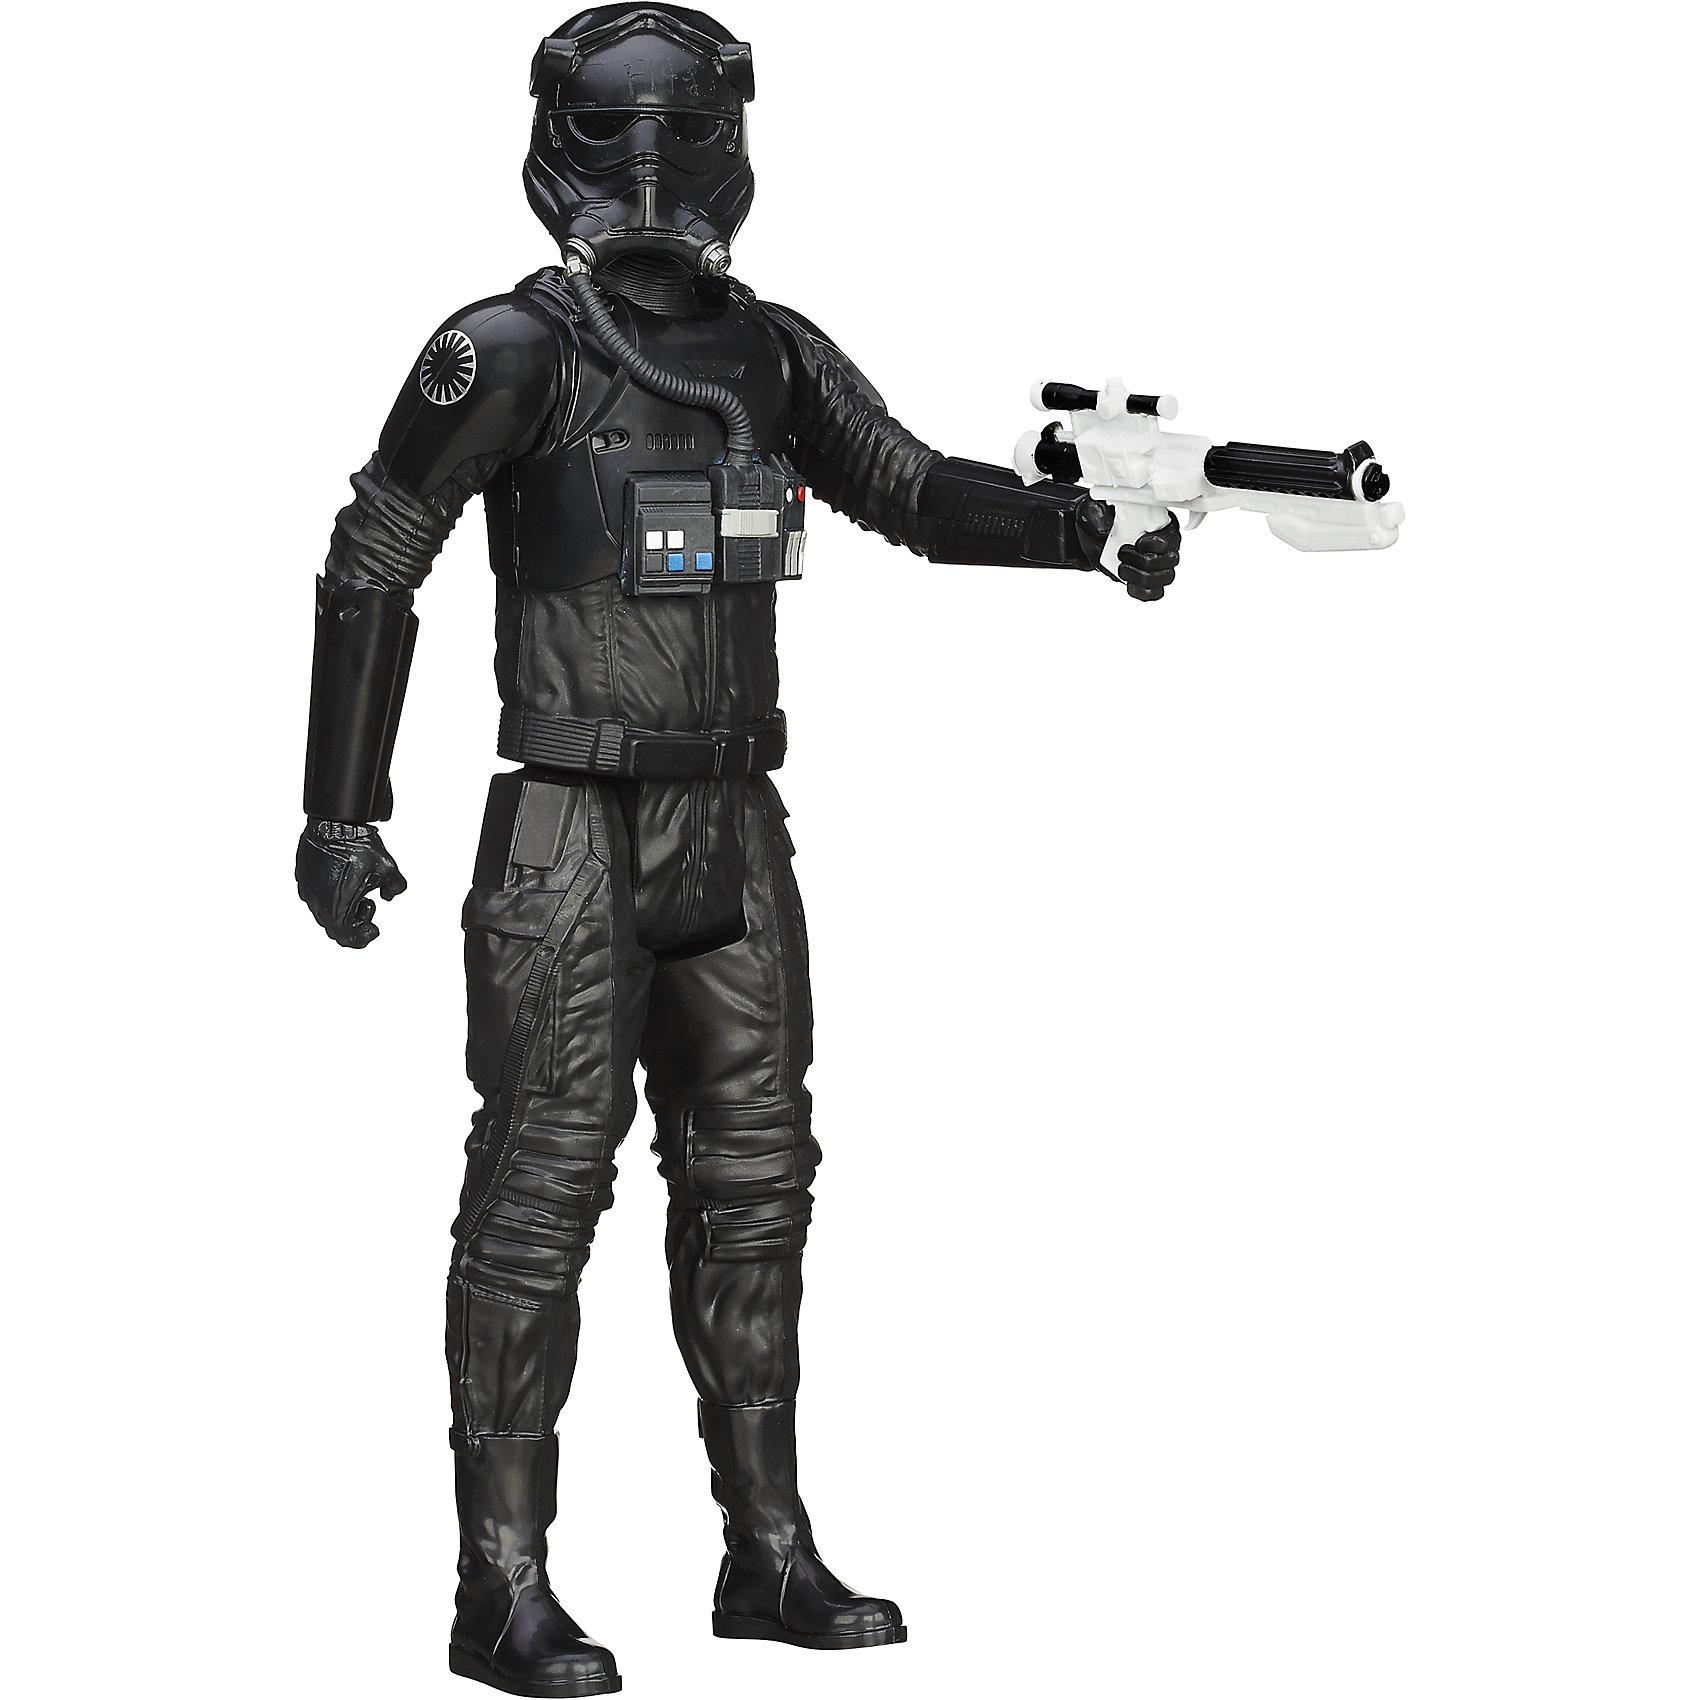 Титаны: Tie Пилот, Герои вселенной, Звездные ВойныФигурка Пилота Tie от Hasbro, станет приятным сюрпризом для вашего ребенка, особенно если он является поклонником популярной фантастической киносаги Star Wars. Фигурка выполнена из высококачественного пластика, прекрасно детализирована и реалистично раскрашена. Теперь можно разыгрывать по-настоящему масштабные сражения с любимыми персонажами. У фигурки подвижные части тела с 5 точками артикуляции, что позволяет придать ей любую позу. <br><br>Дополнительная информация:  <br><br>- В комплекте: 1 фигурка, 1 оружие.<br>- Материал: пластик. <br>- Высота фигурки: 30 см. <br>- Размер упаковки: 30,5 х 5 х 10 см.   <br>- Голова, руки, ноги подвижные.<br><br>Фигурку Титаны: Tie Пилот, Герои вселенной, Звездные Войны (Star Wars), можно купить в нашем интернет-магазине.<br><br>Ширина мм: 309<br>Глубина мм: 102<br>Высота мм: 57<br>Вес г: 328<br>Возраст от месяцев: 48<br>Возраст до месяцев: 96<br>Пол: Мужской<br>Возраст: Детский<br>SKU: 4702909